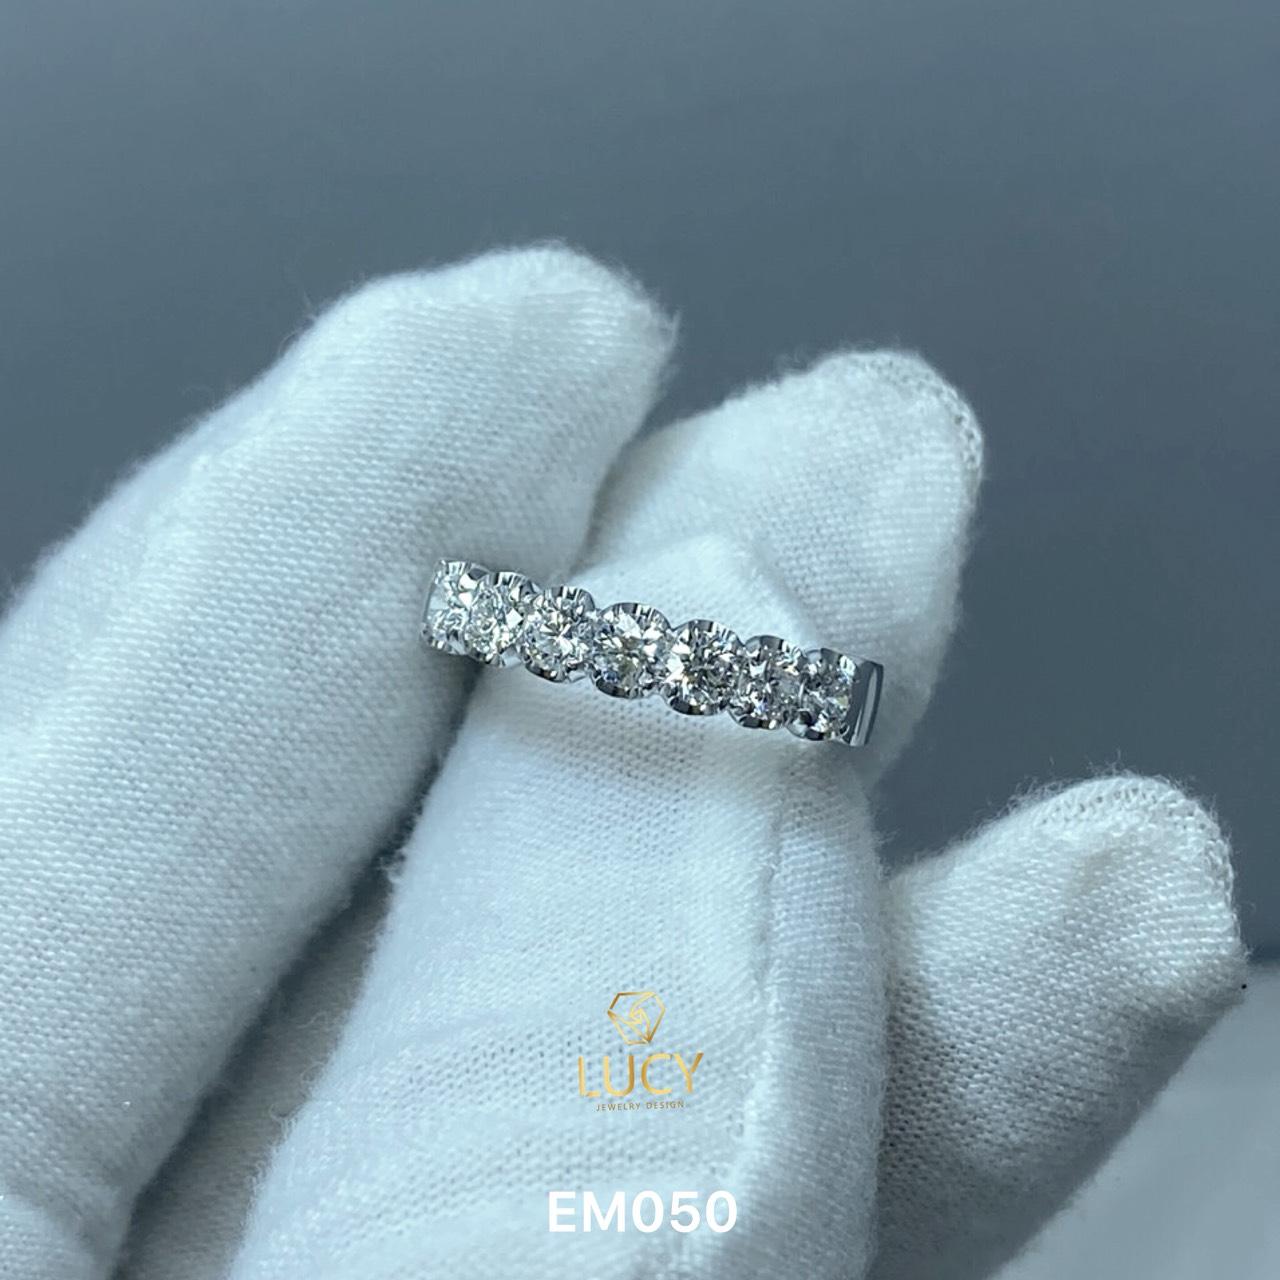 EM050 Nhẫn kết ngang 7 viên 3mm, nhẫn nữ vàng, nhẫn nữ thiết kế, nhẫn cầu hôn, nhẫn đính hôn - Lucy Jewelry